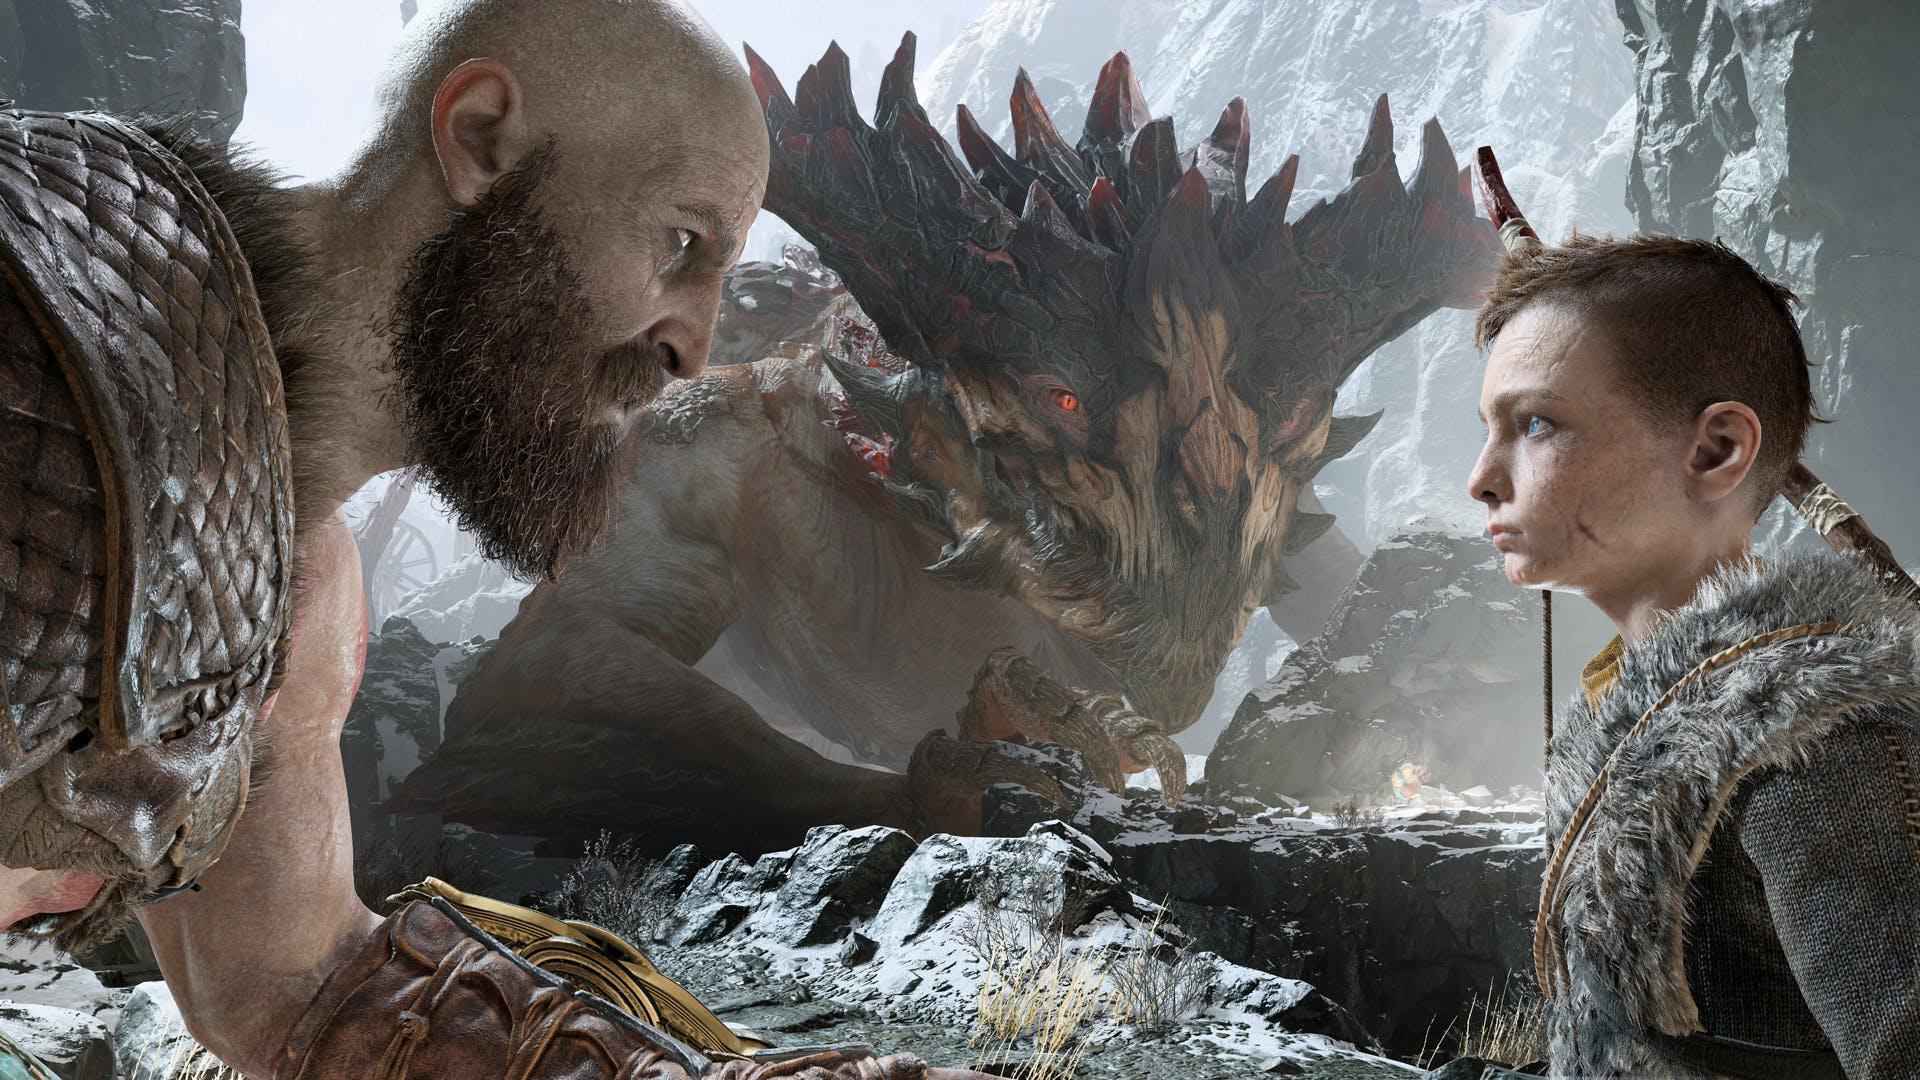 God of War shows how narratives change over time